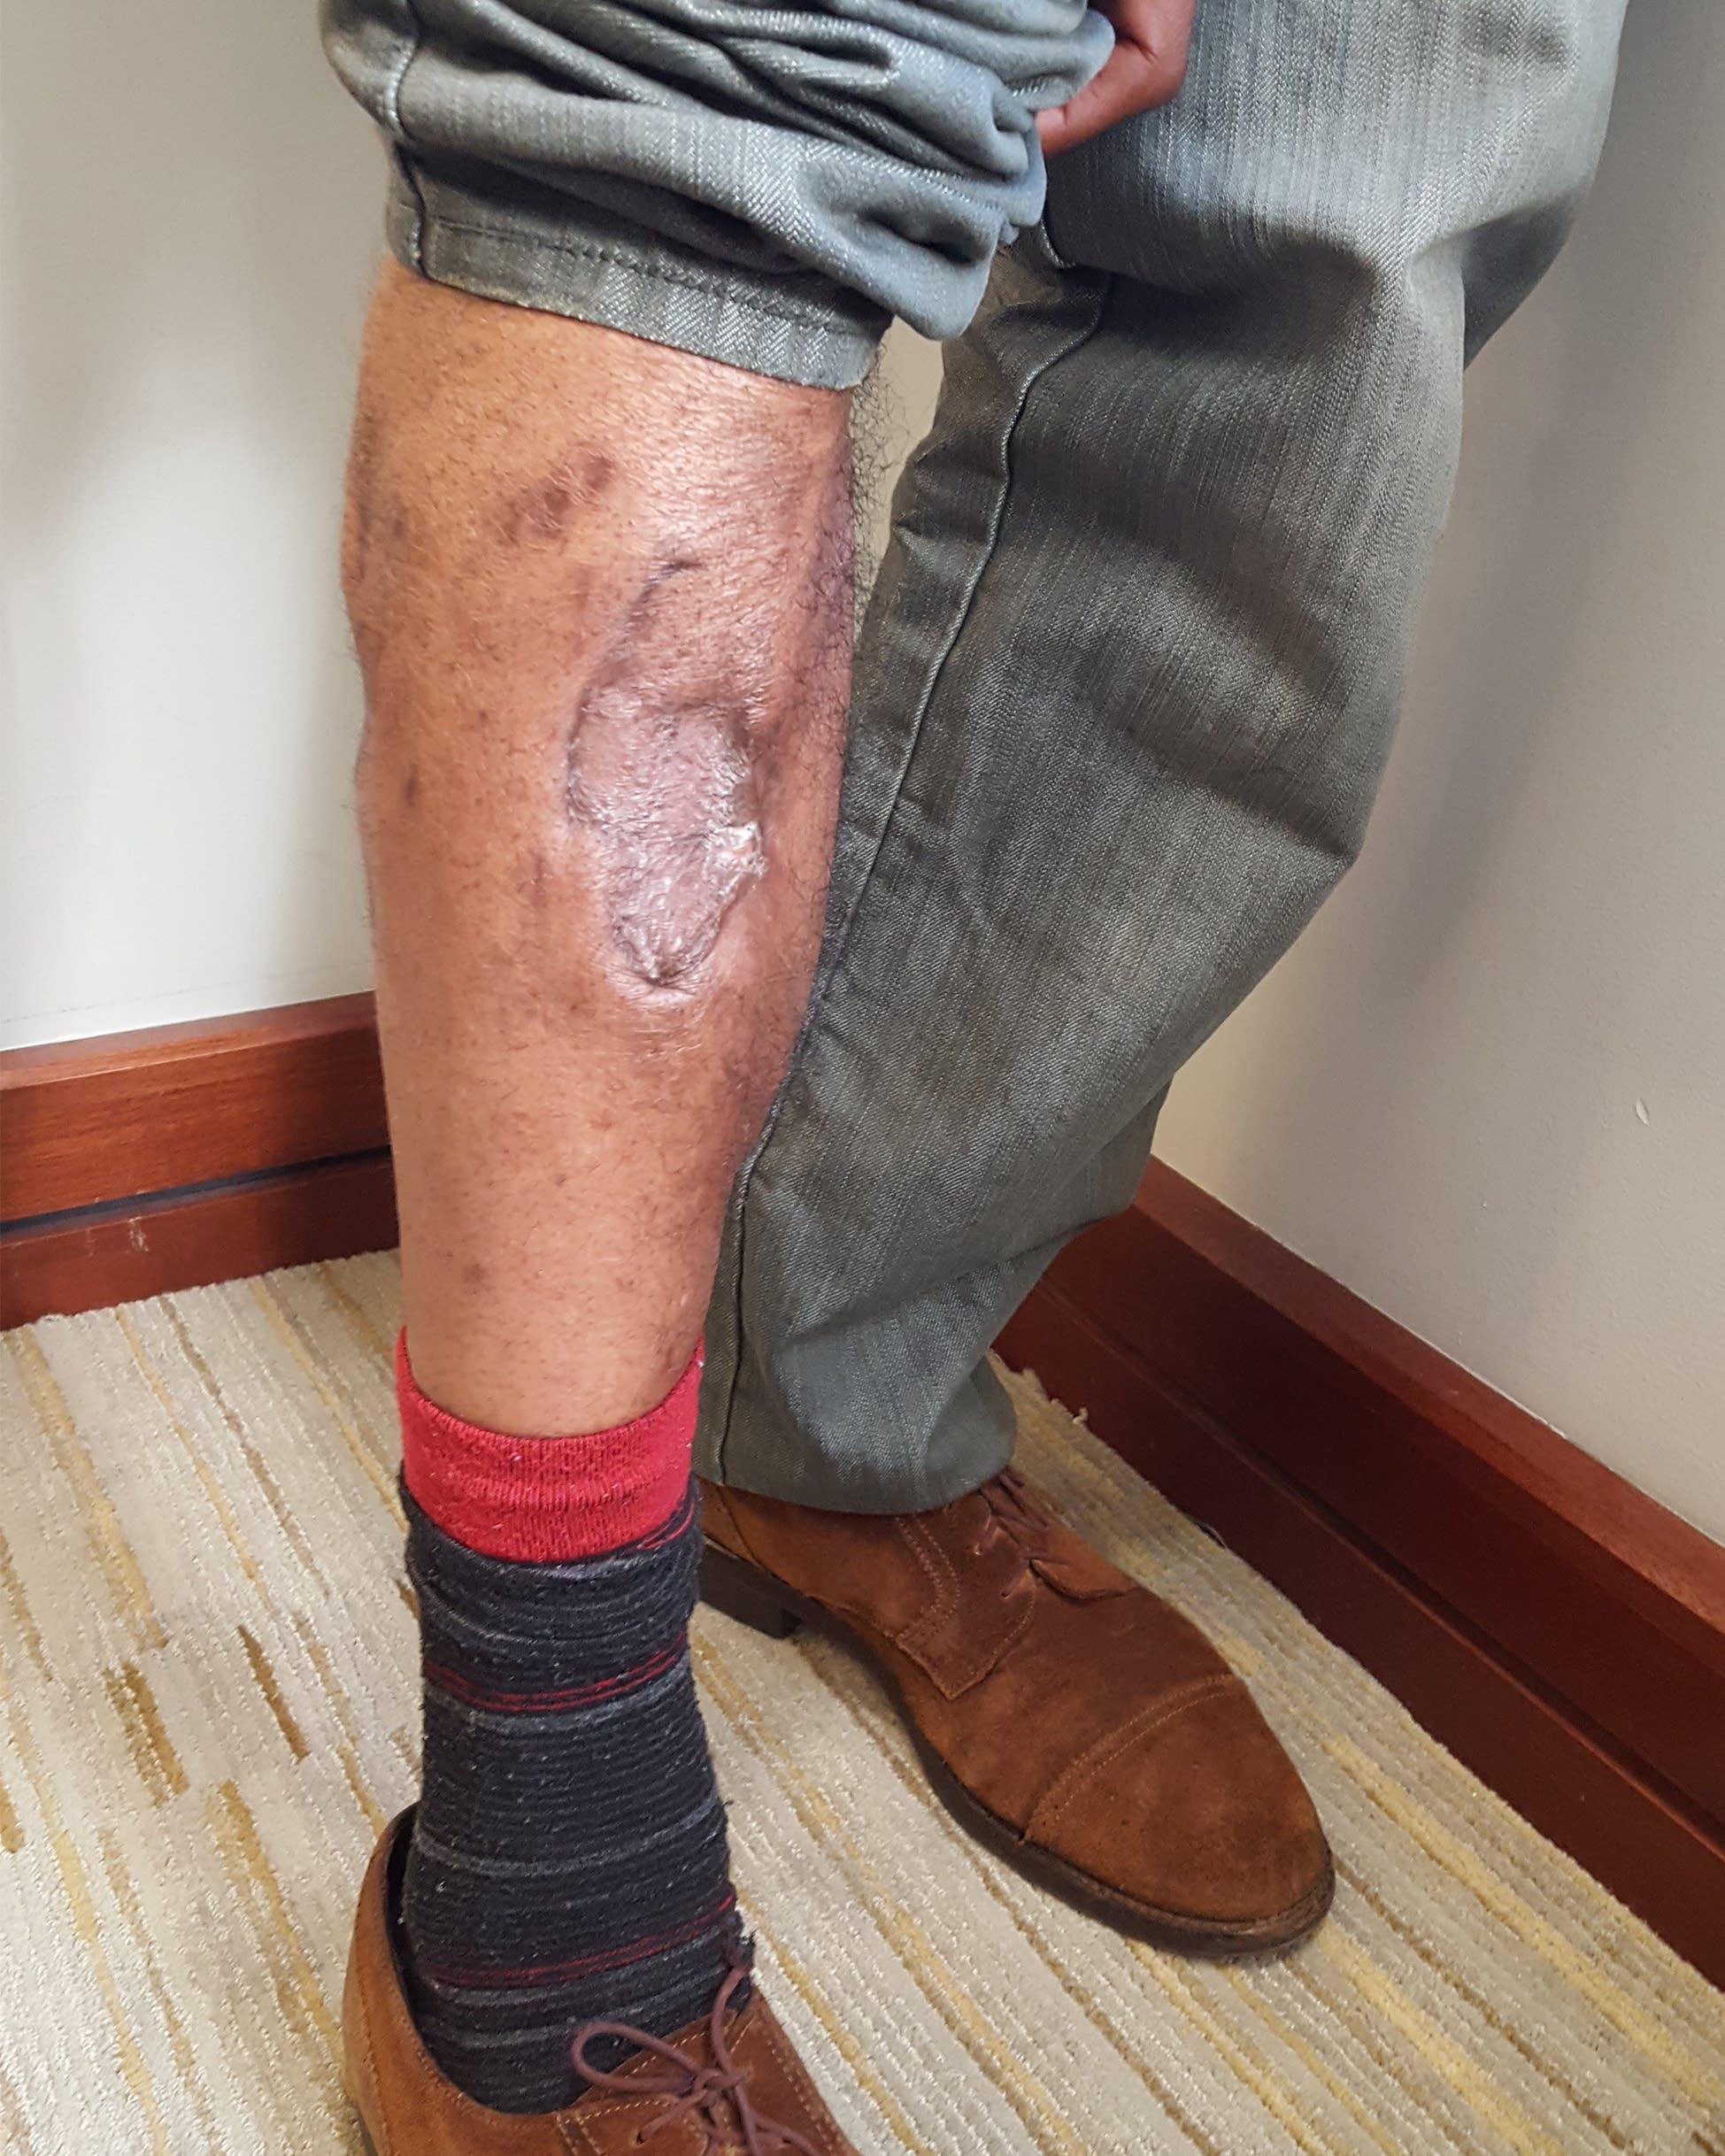 Video: Man bitten by K-9, kicked by St  Paul cop